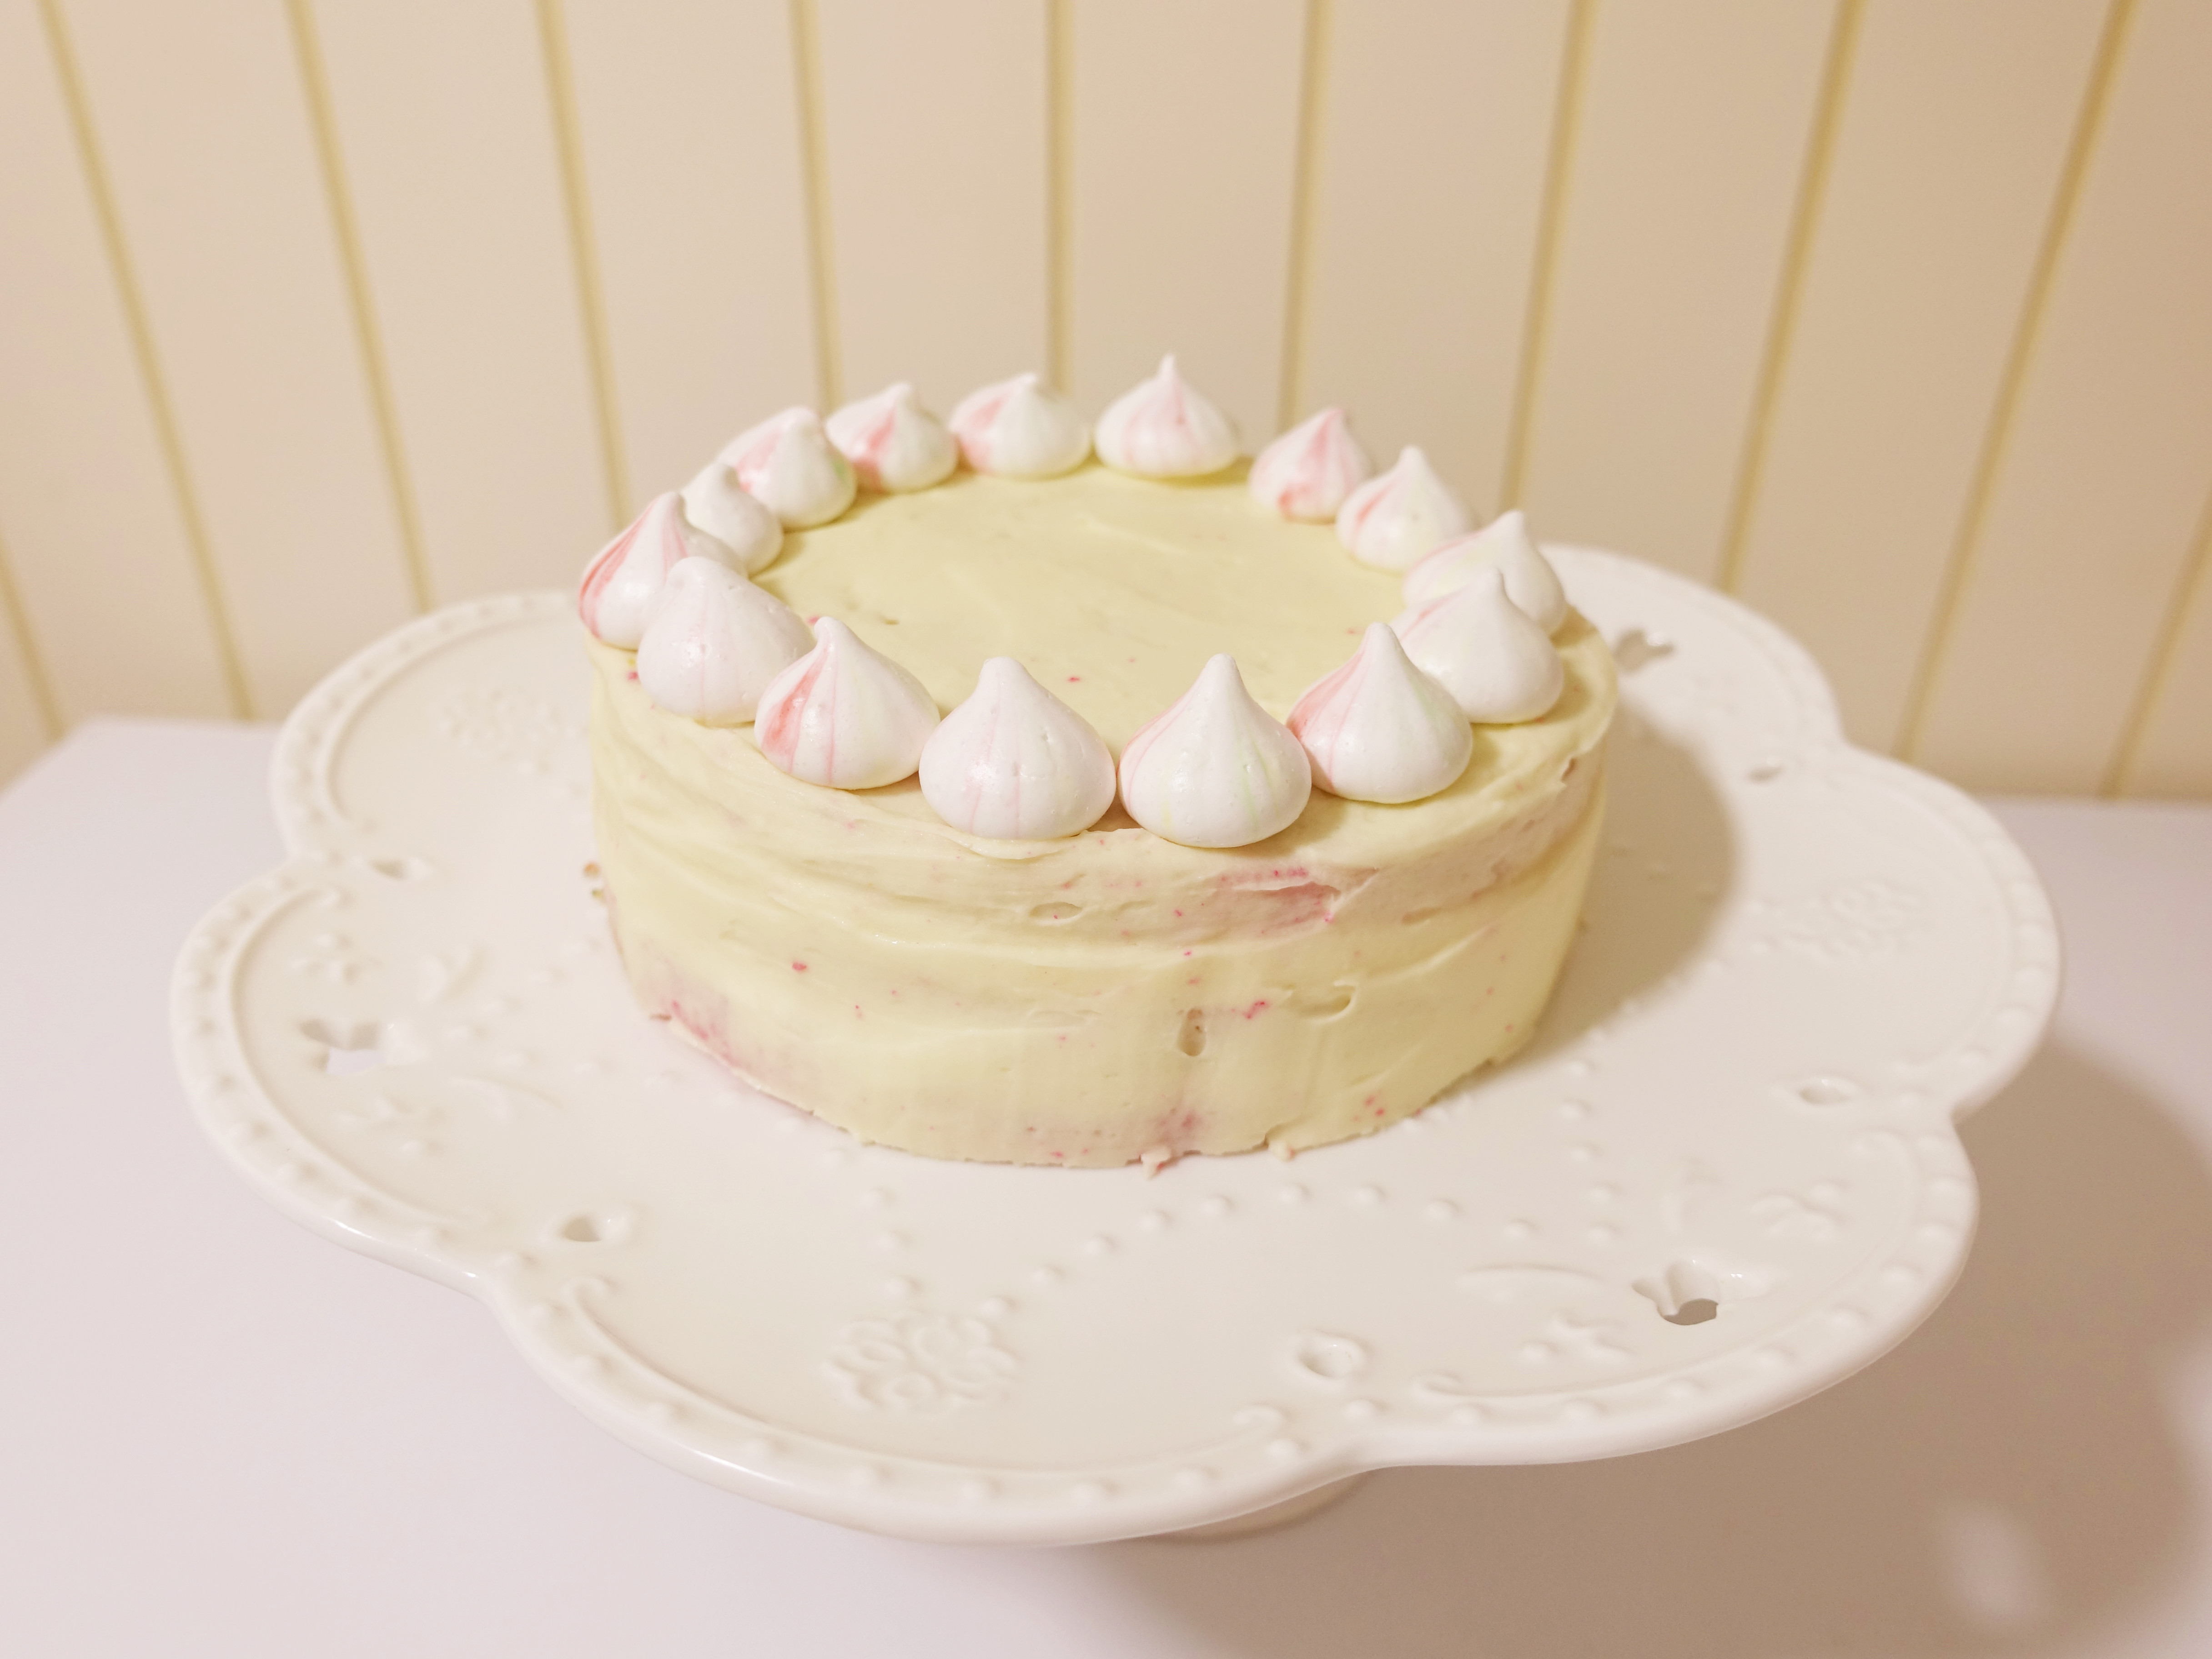 馬林糖X奶油乳霜X繽紛海綿蛋糕